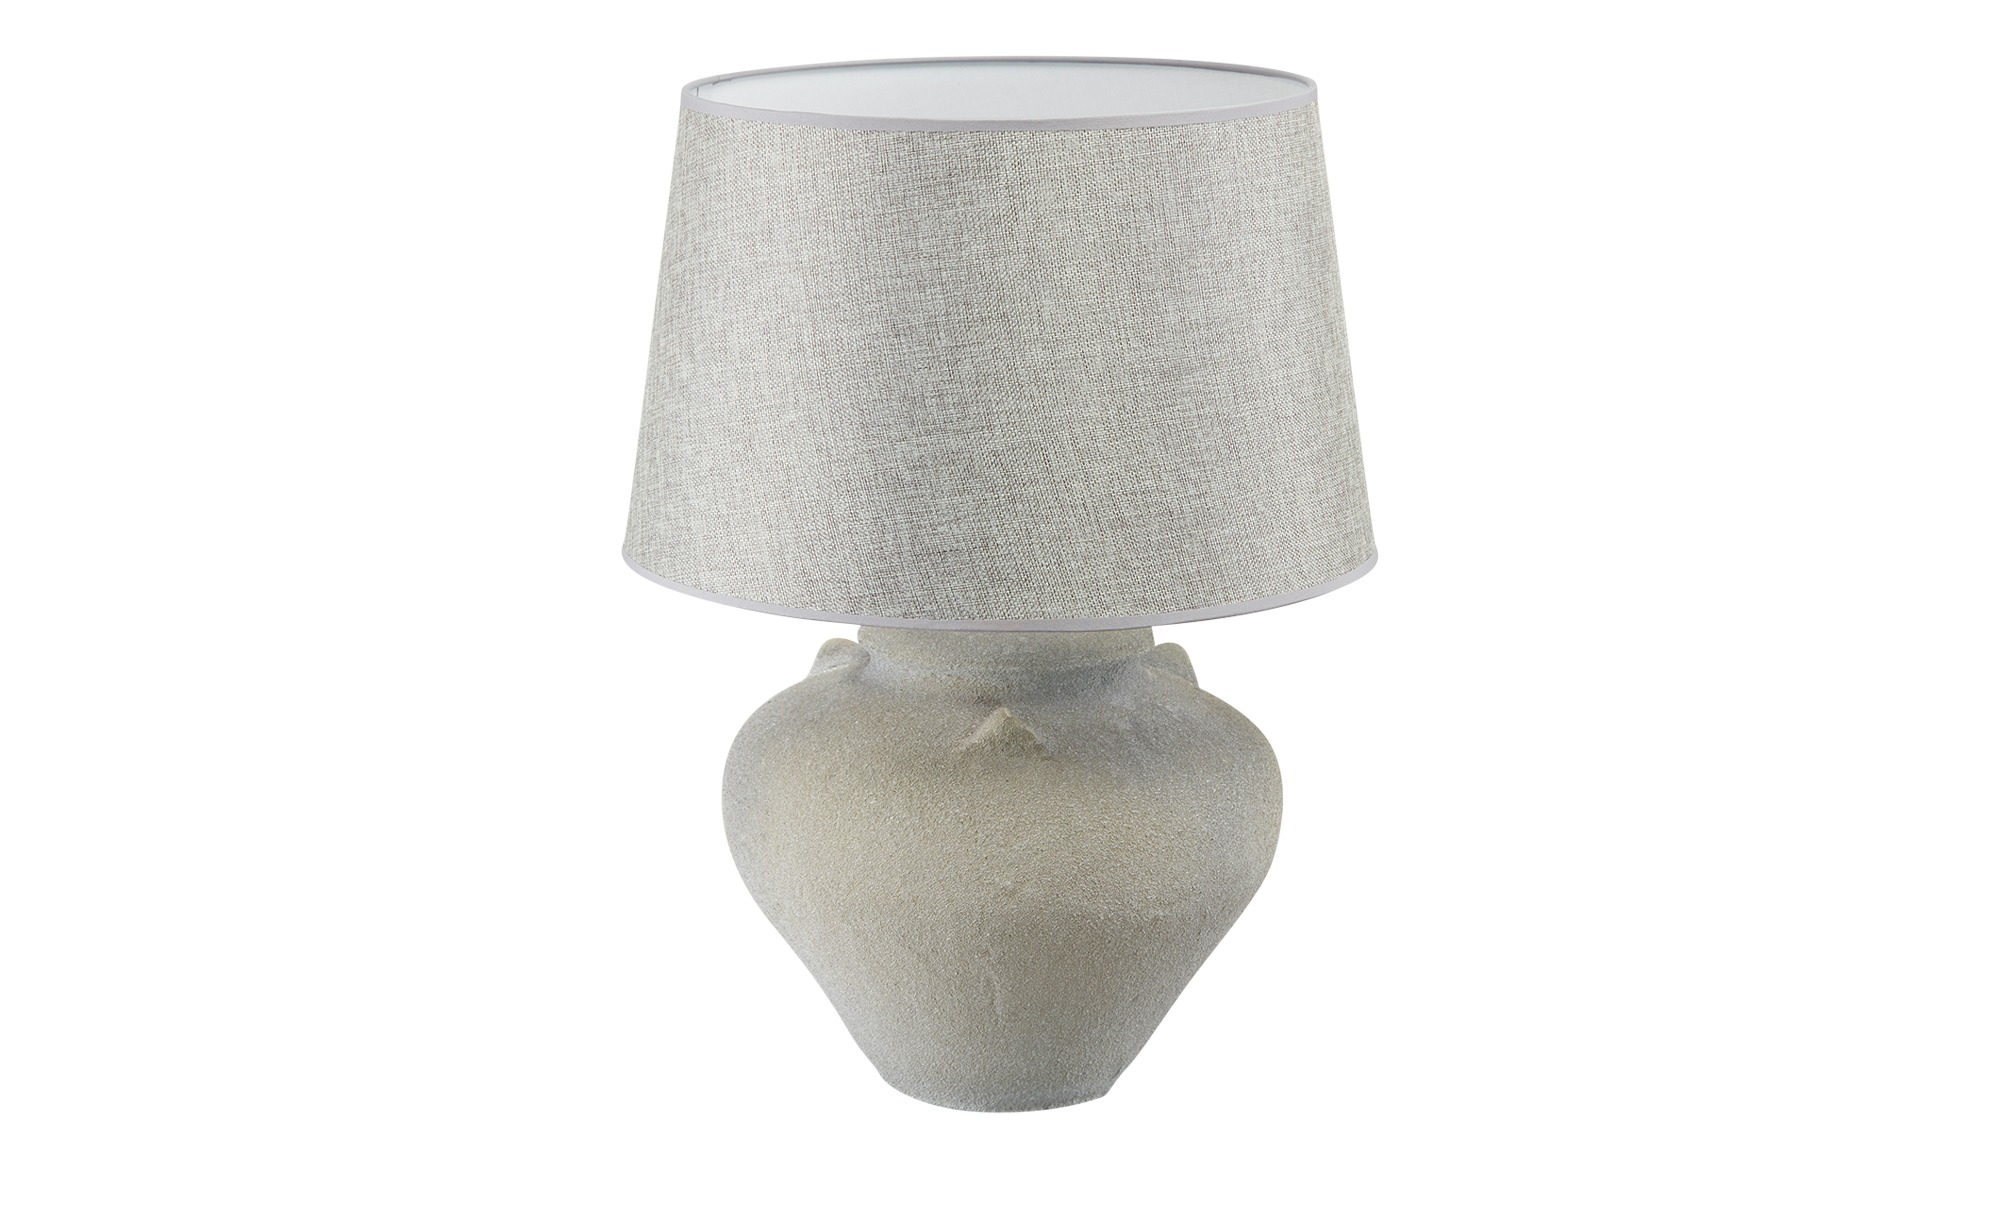 KHG Keramik-Tischleuchte, 1-flammig, grau ¦ grau ¦ Maße (cm): H: 55,5 Ø: 40 Lampen & Leuchten > Innenleuchten > Tischlampen - Höffner